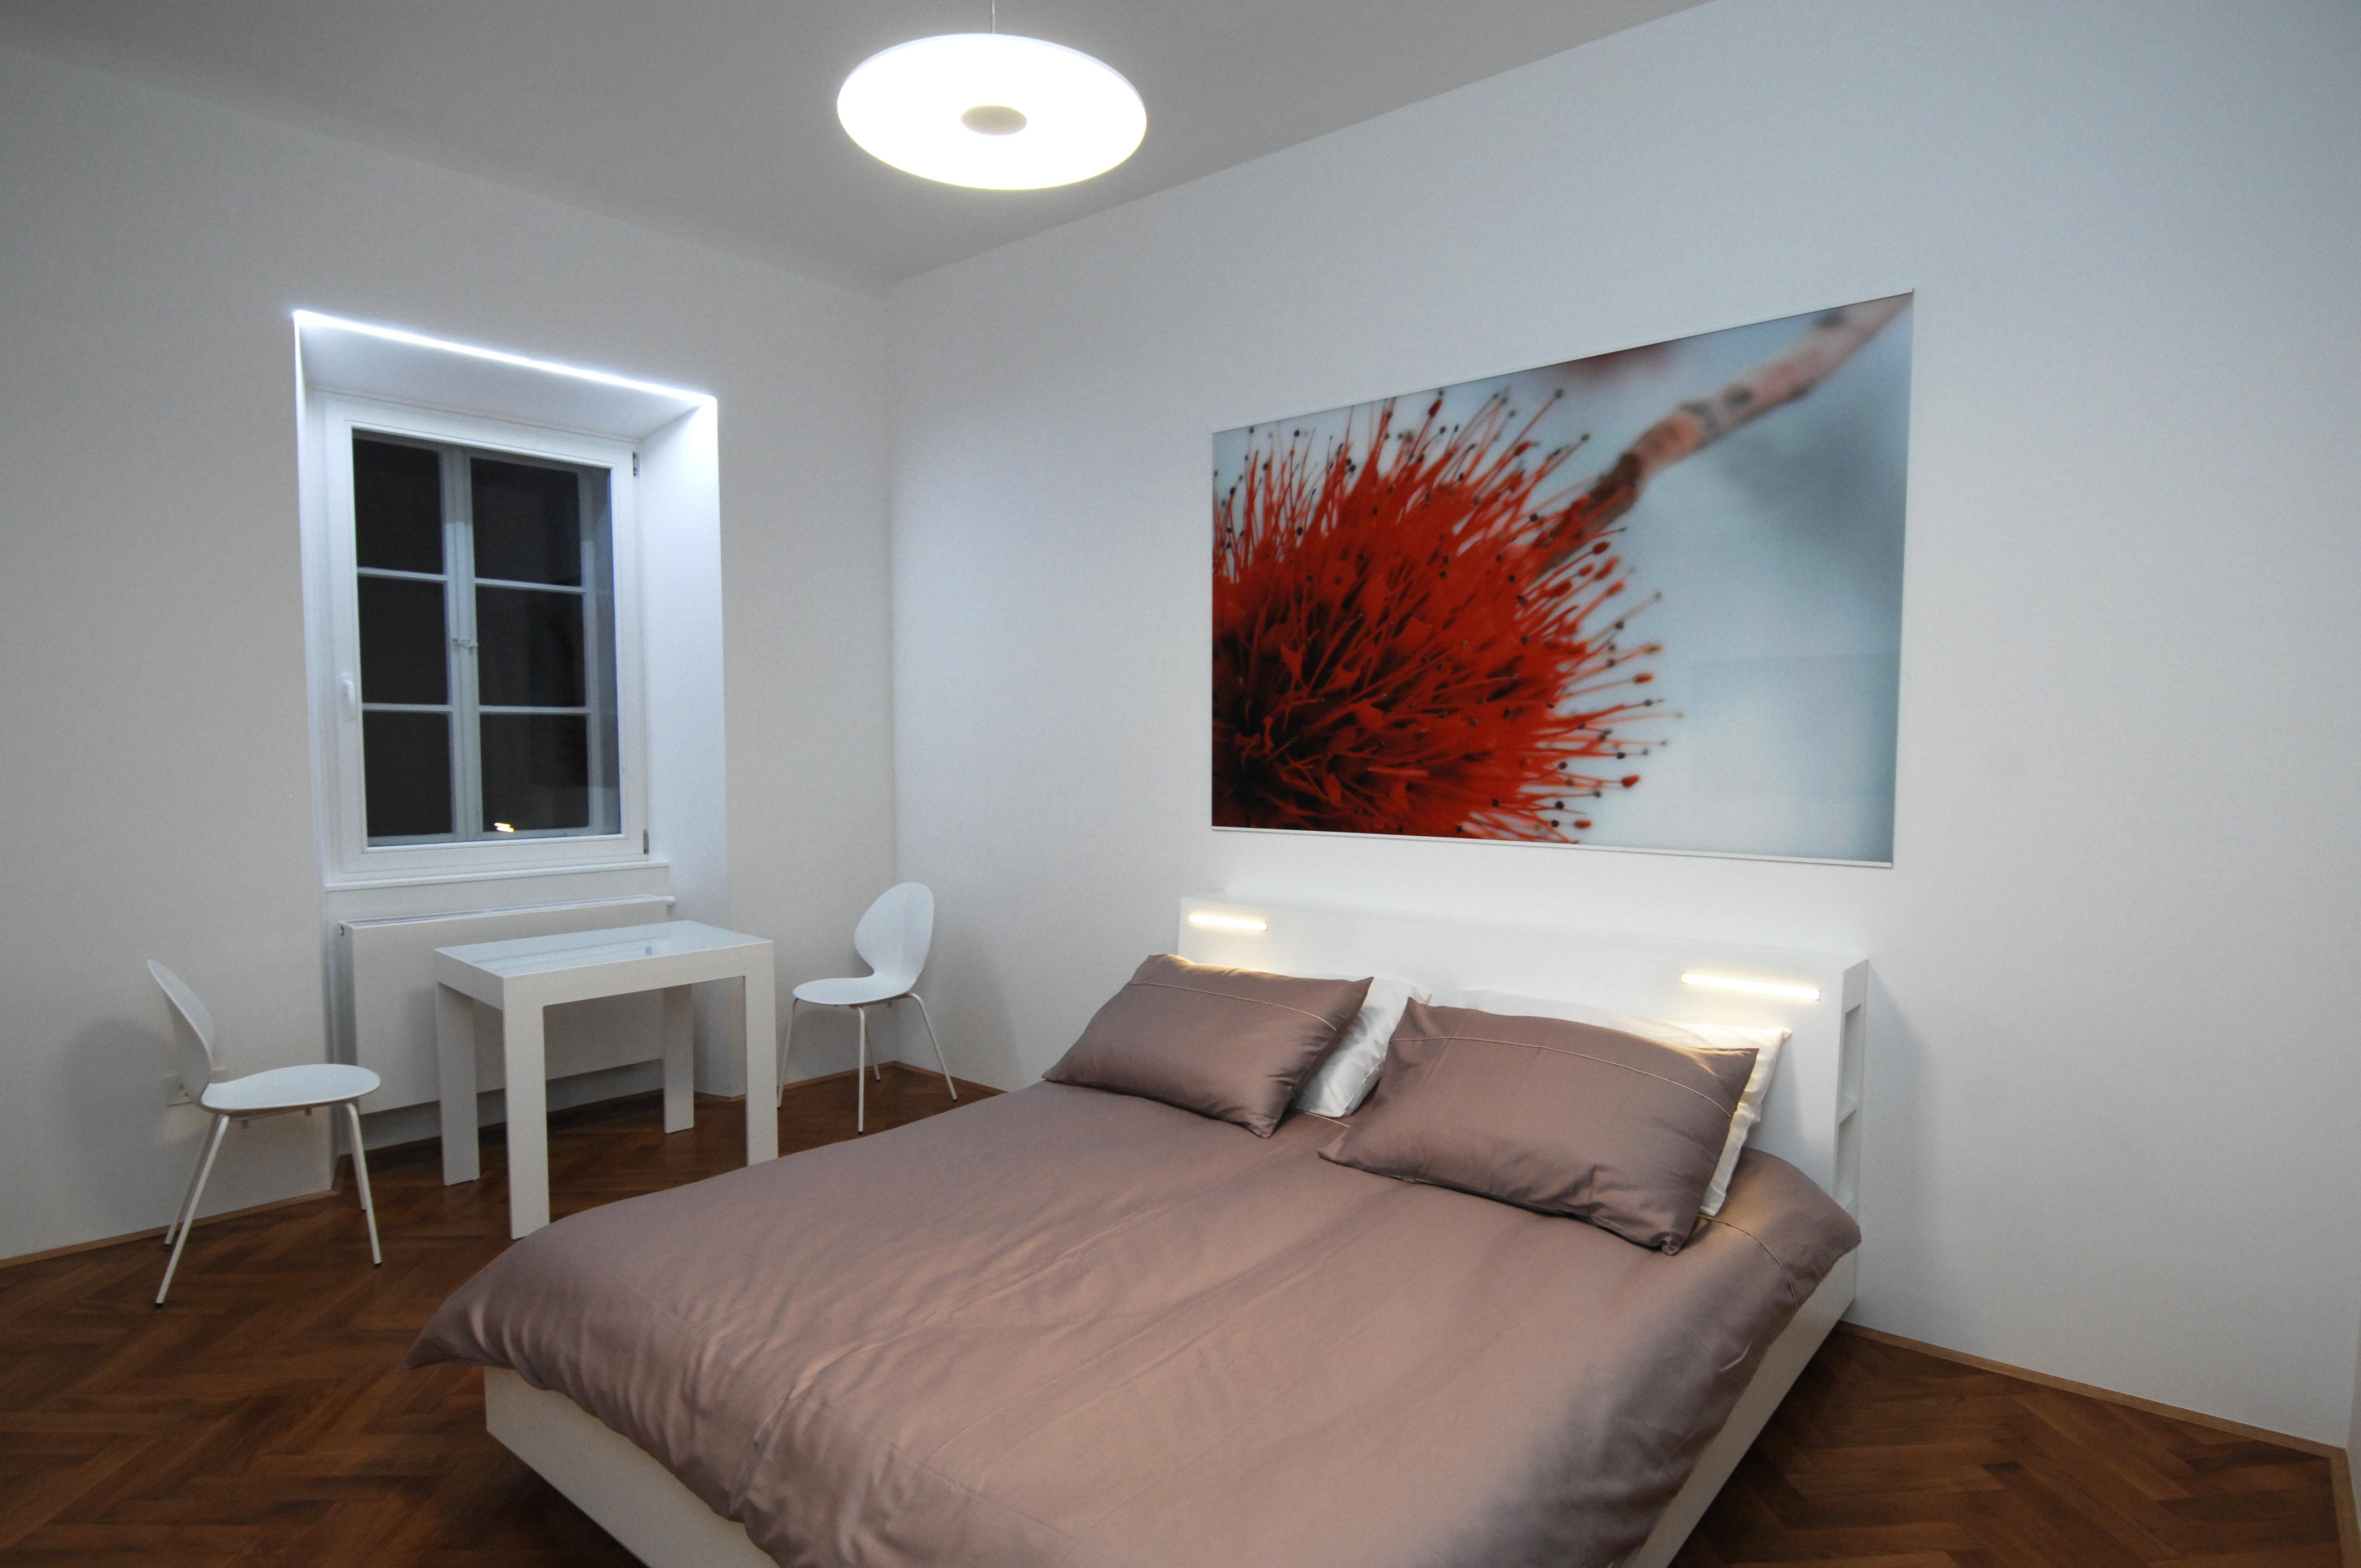 Квартира в любляне с видом на реку